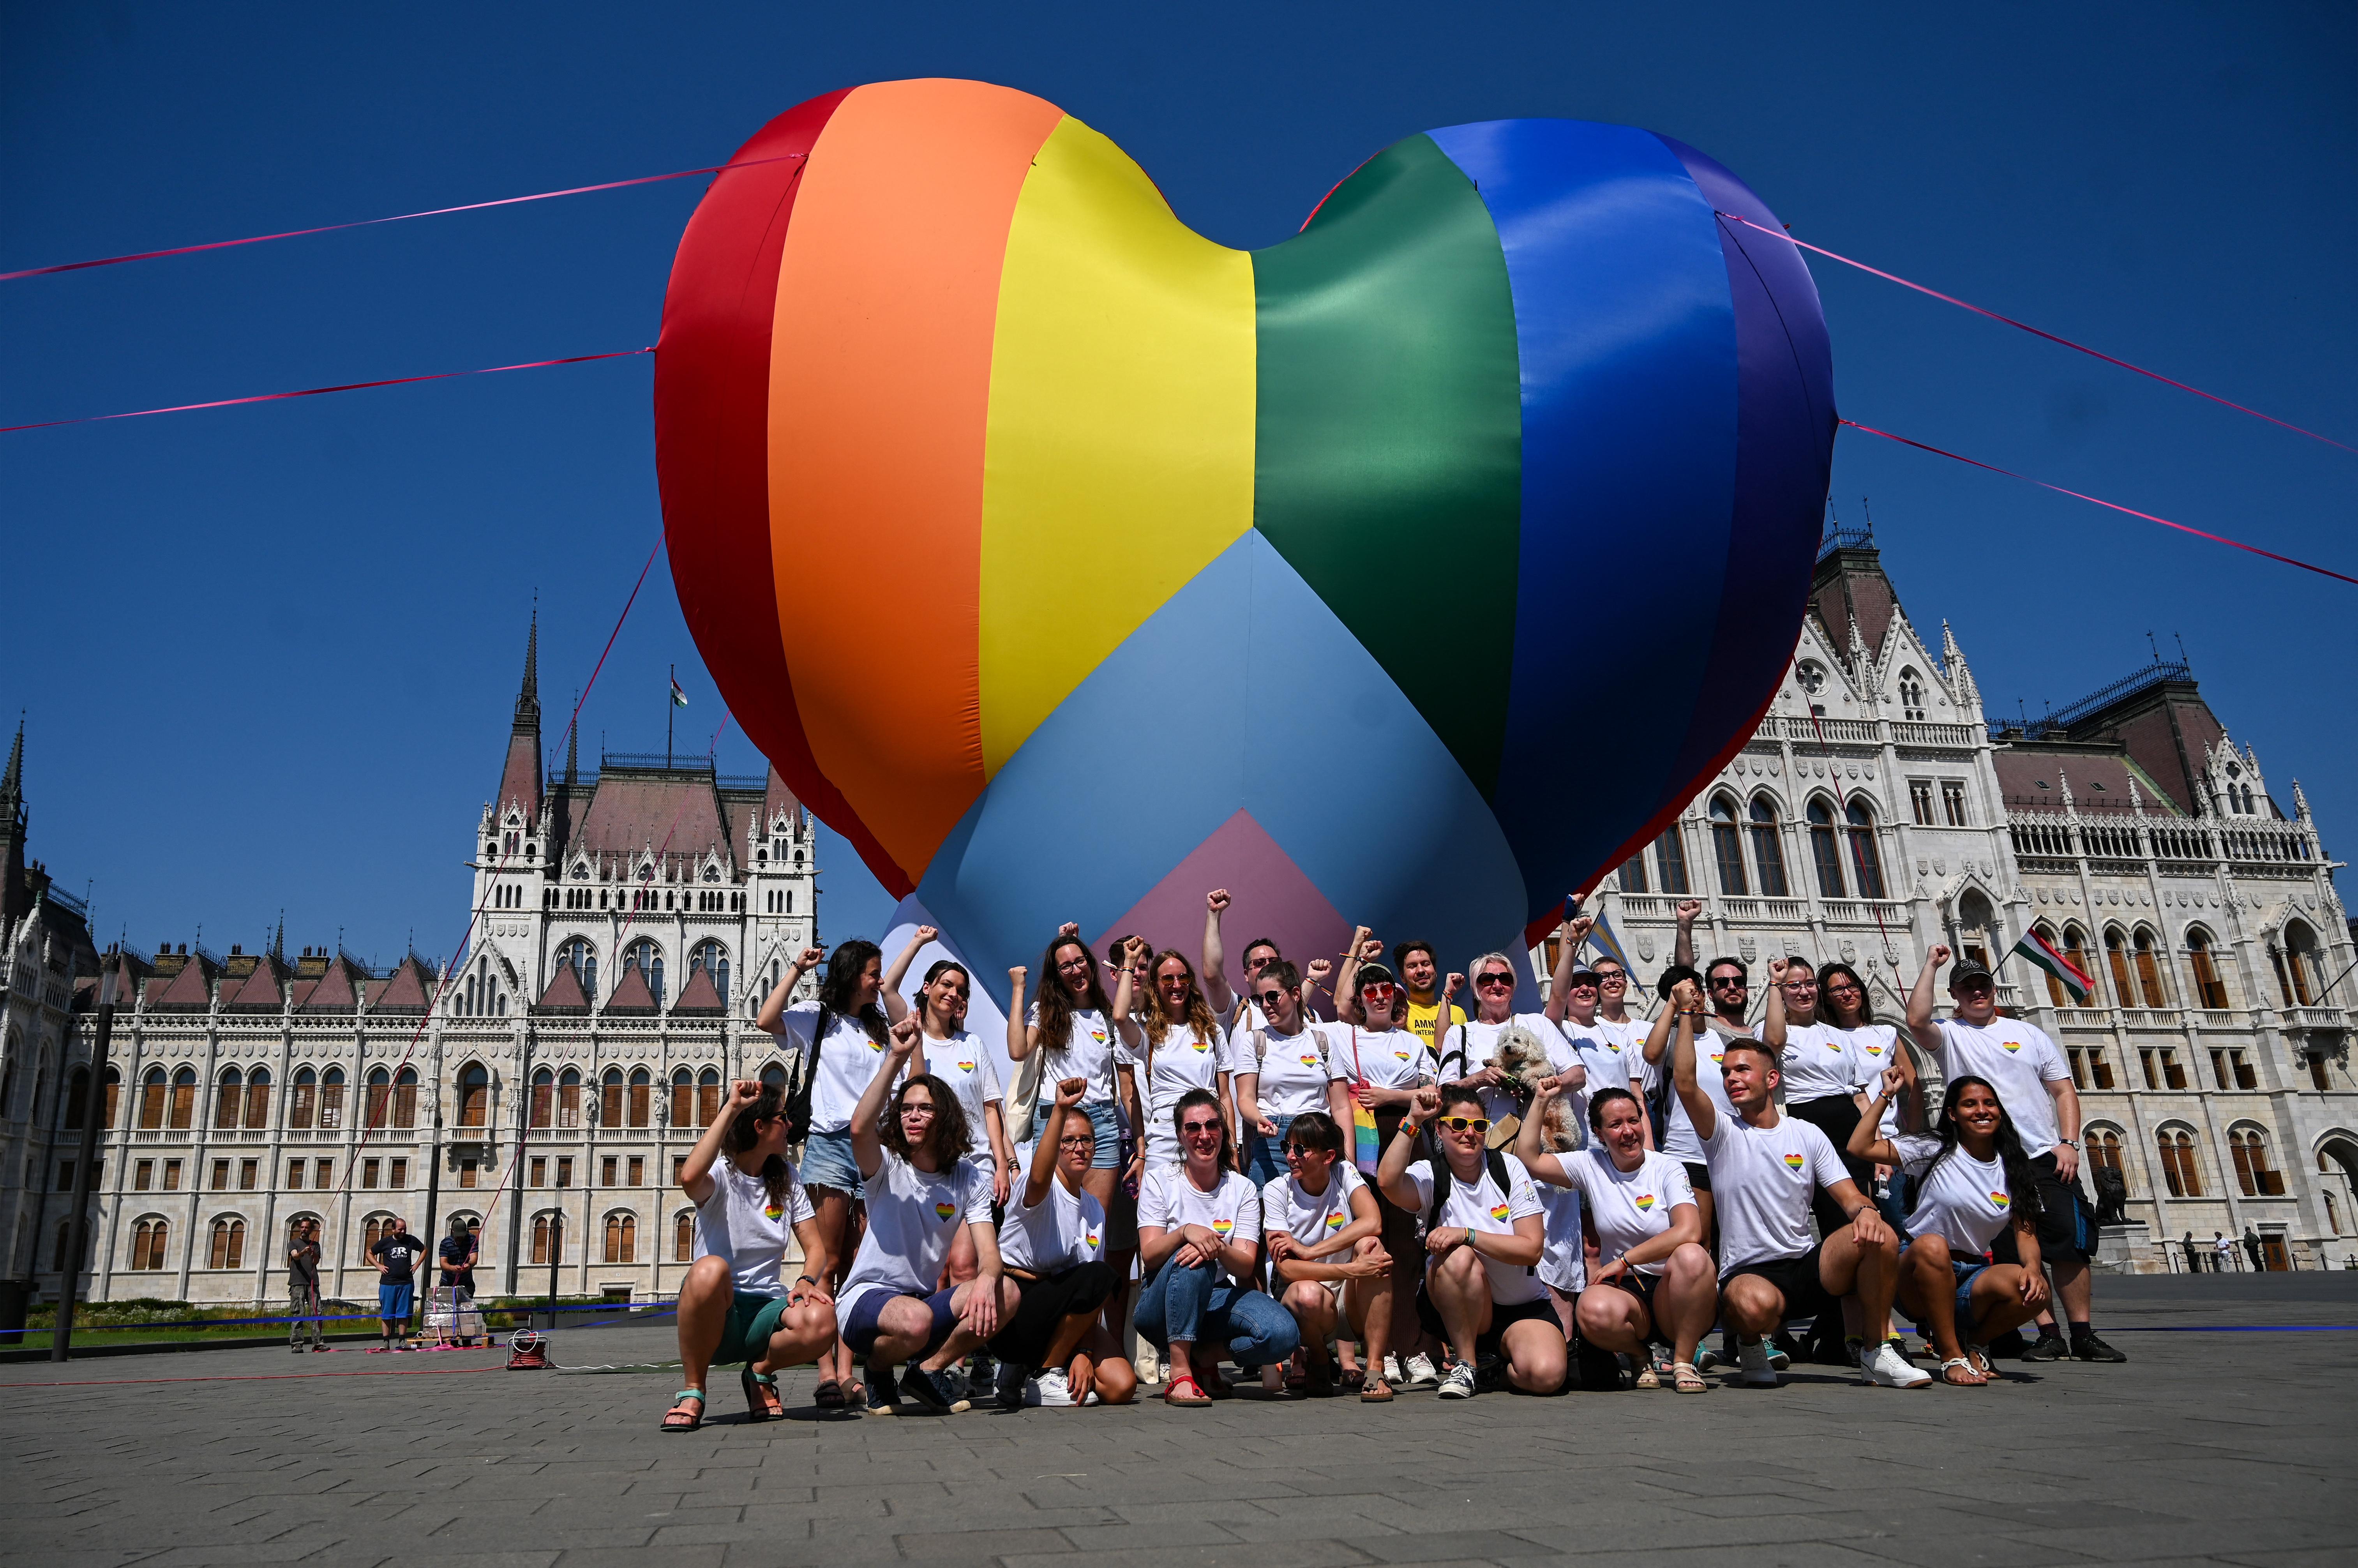 A magyarok többsége elfogadó a melegekkel szemben